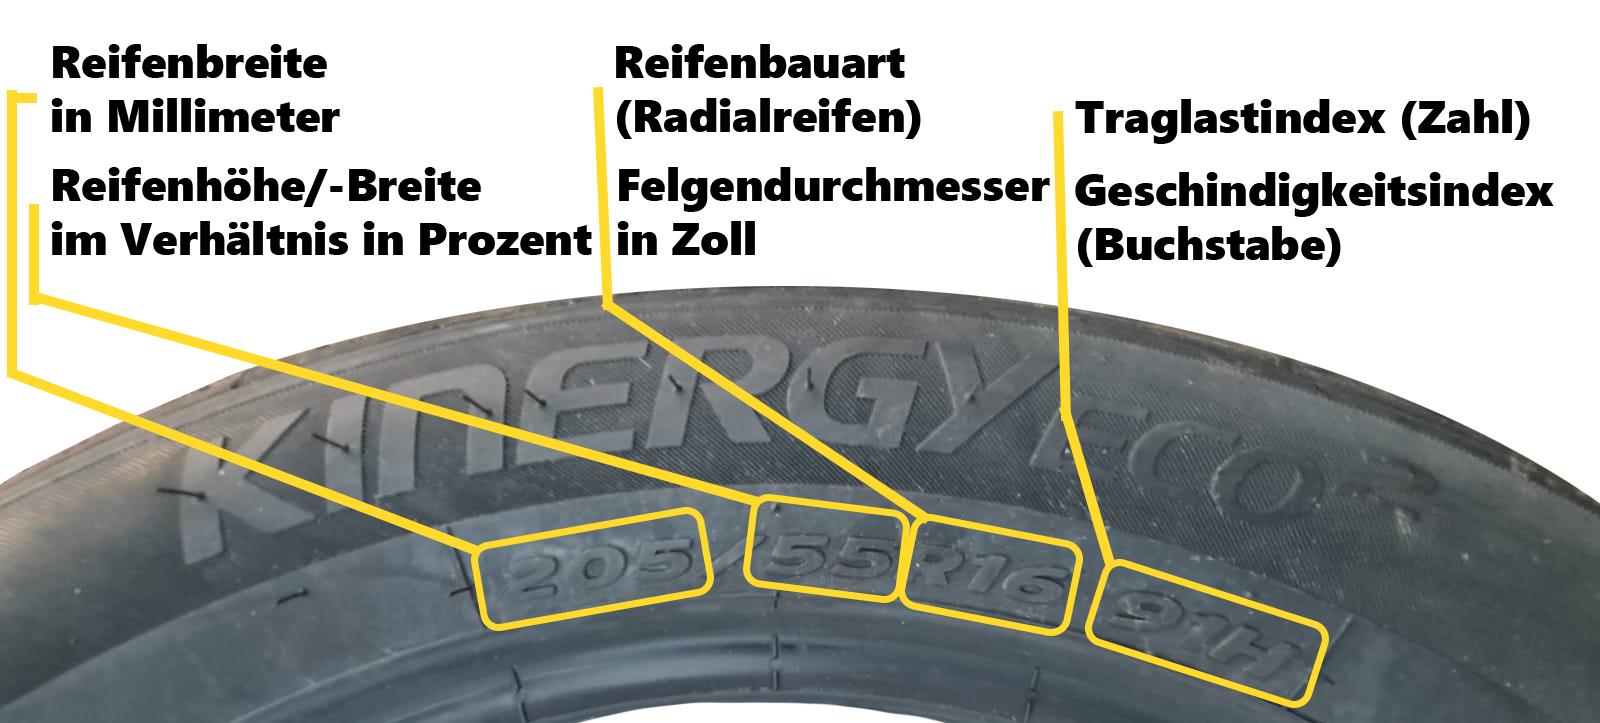 Schaubild Reifenbezeichnungen - Reifengröße ermitteln